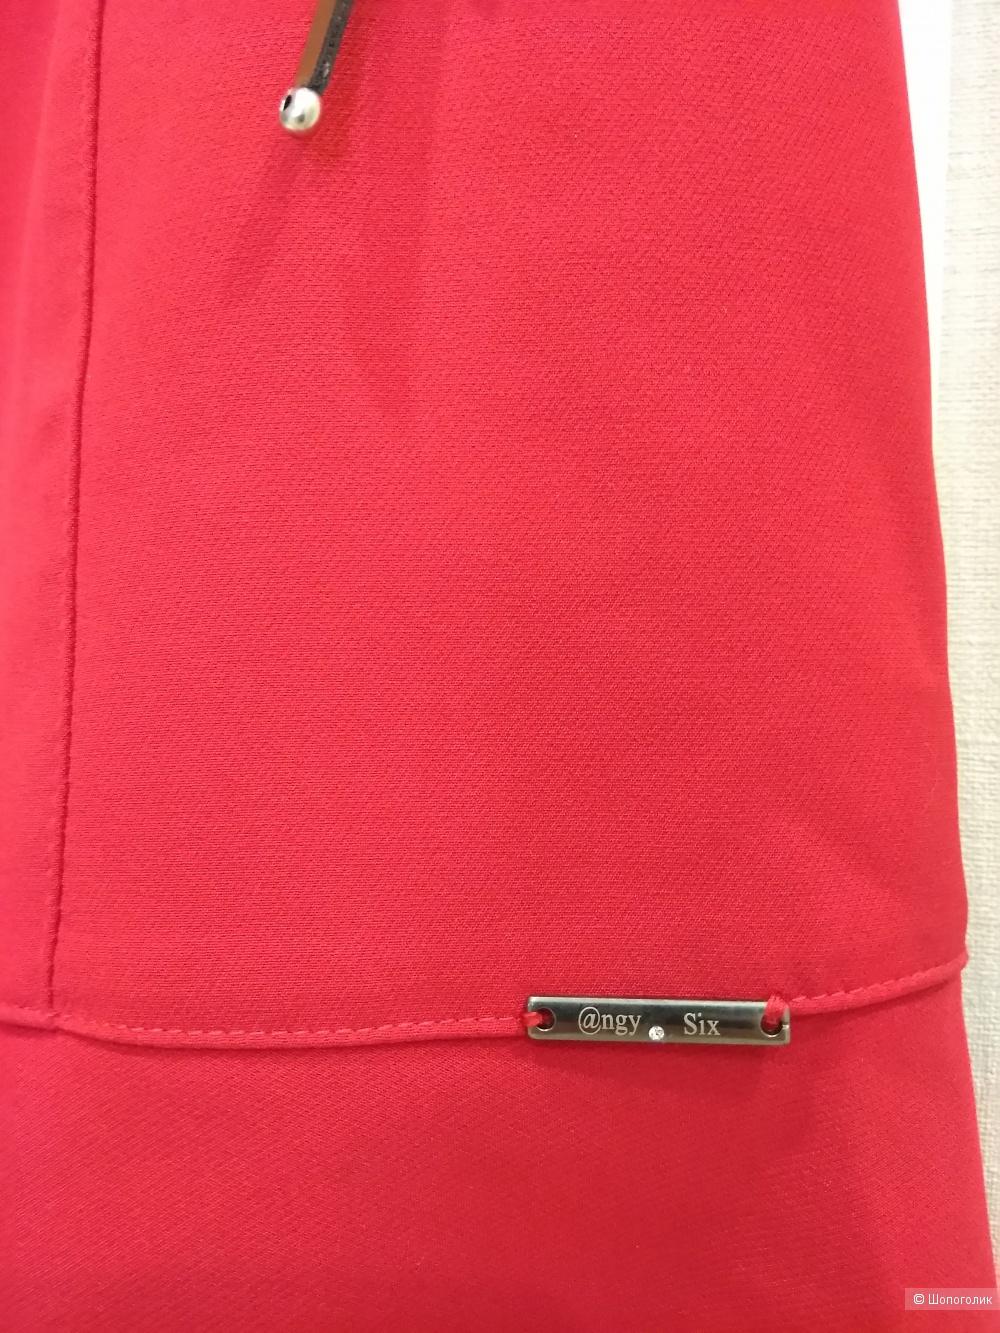 Красное платье Angy Six, размер XS